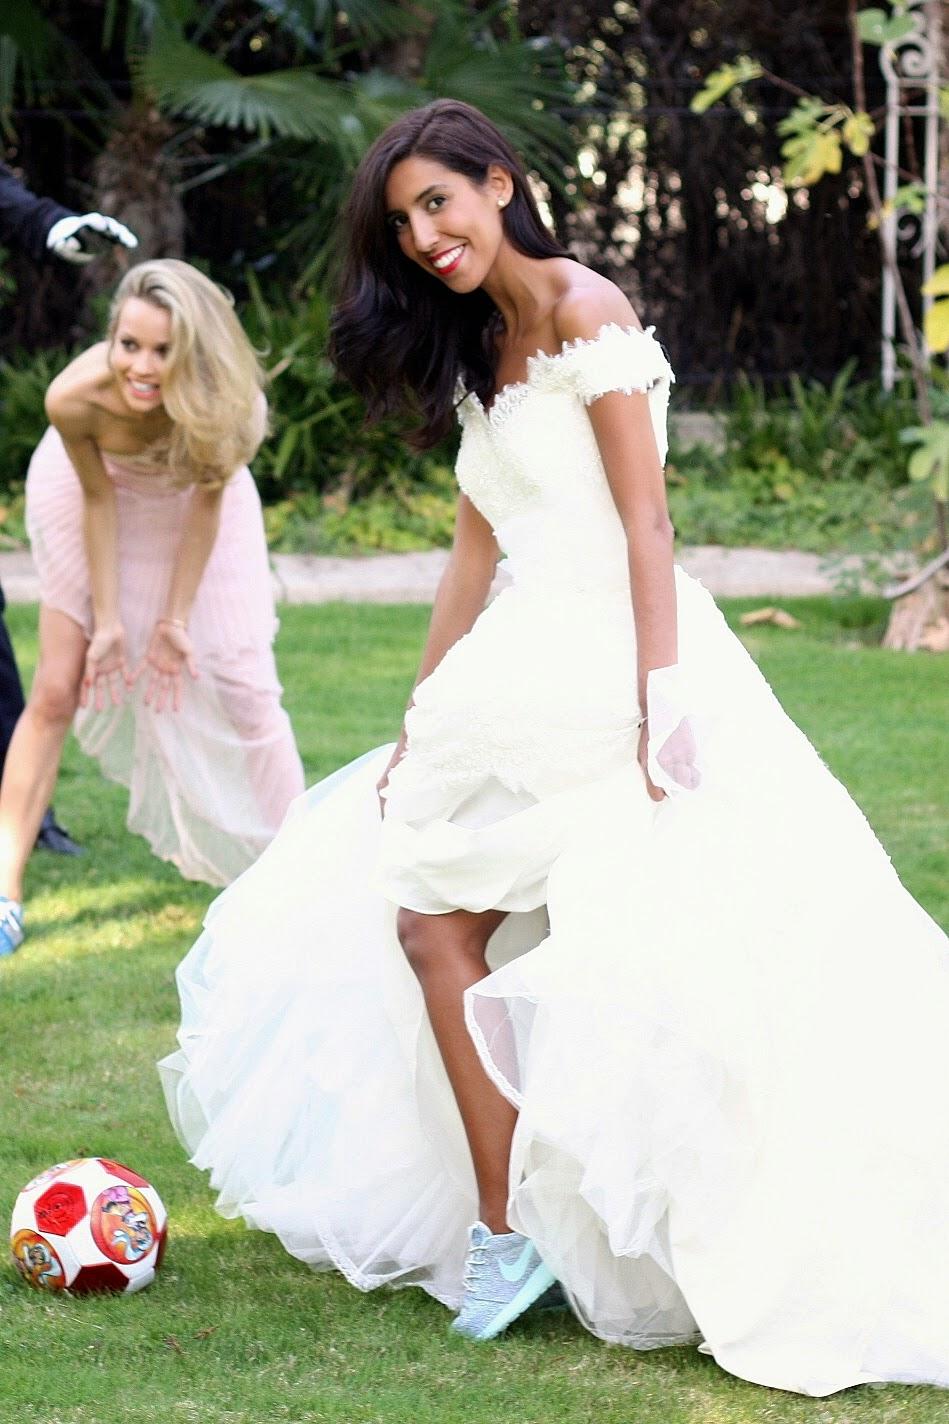 son varios blogs los que hemos participado y entre todos aire barcelona elegir un ganador para que sortee entre sus lectoresu un vestido de novia